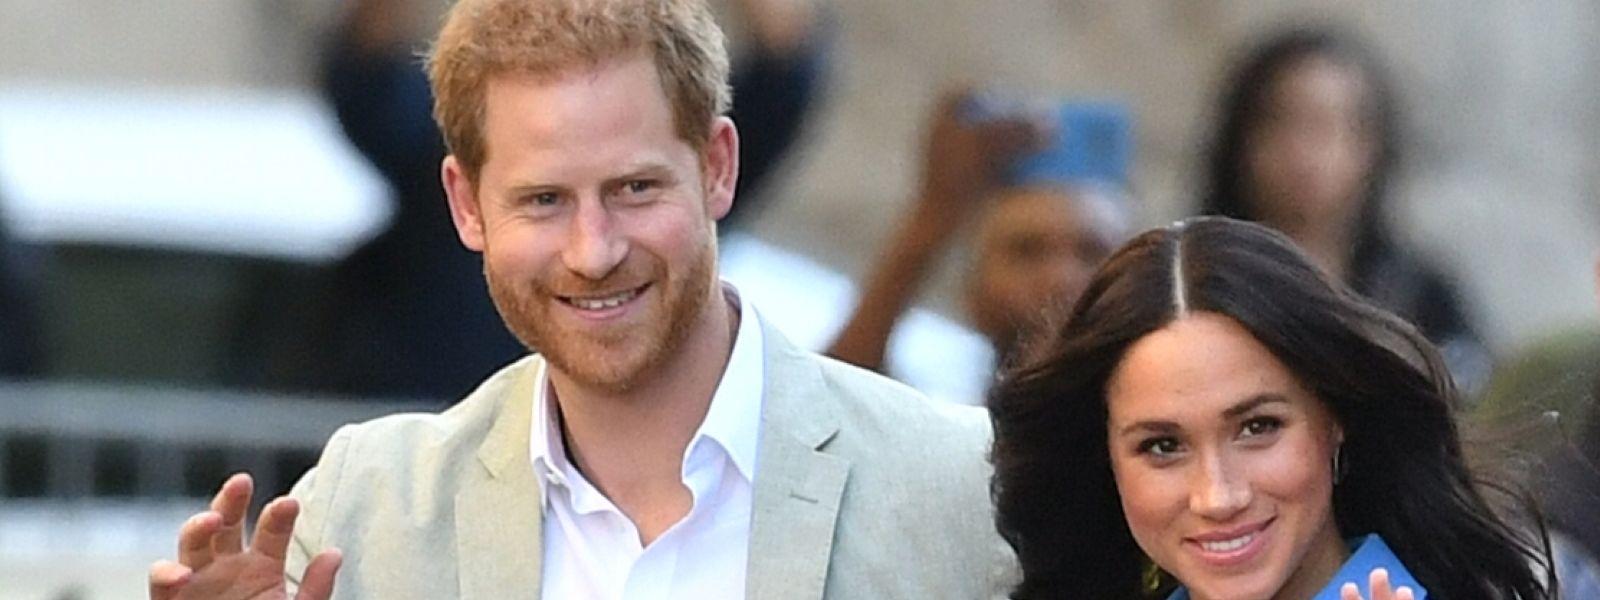 September 2019: Meghan, Herzogin von Sussex, und Harry, Herzog von Sussex, besuchen am ersten Tag ihrer Afrikareise Kapstadt.